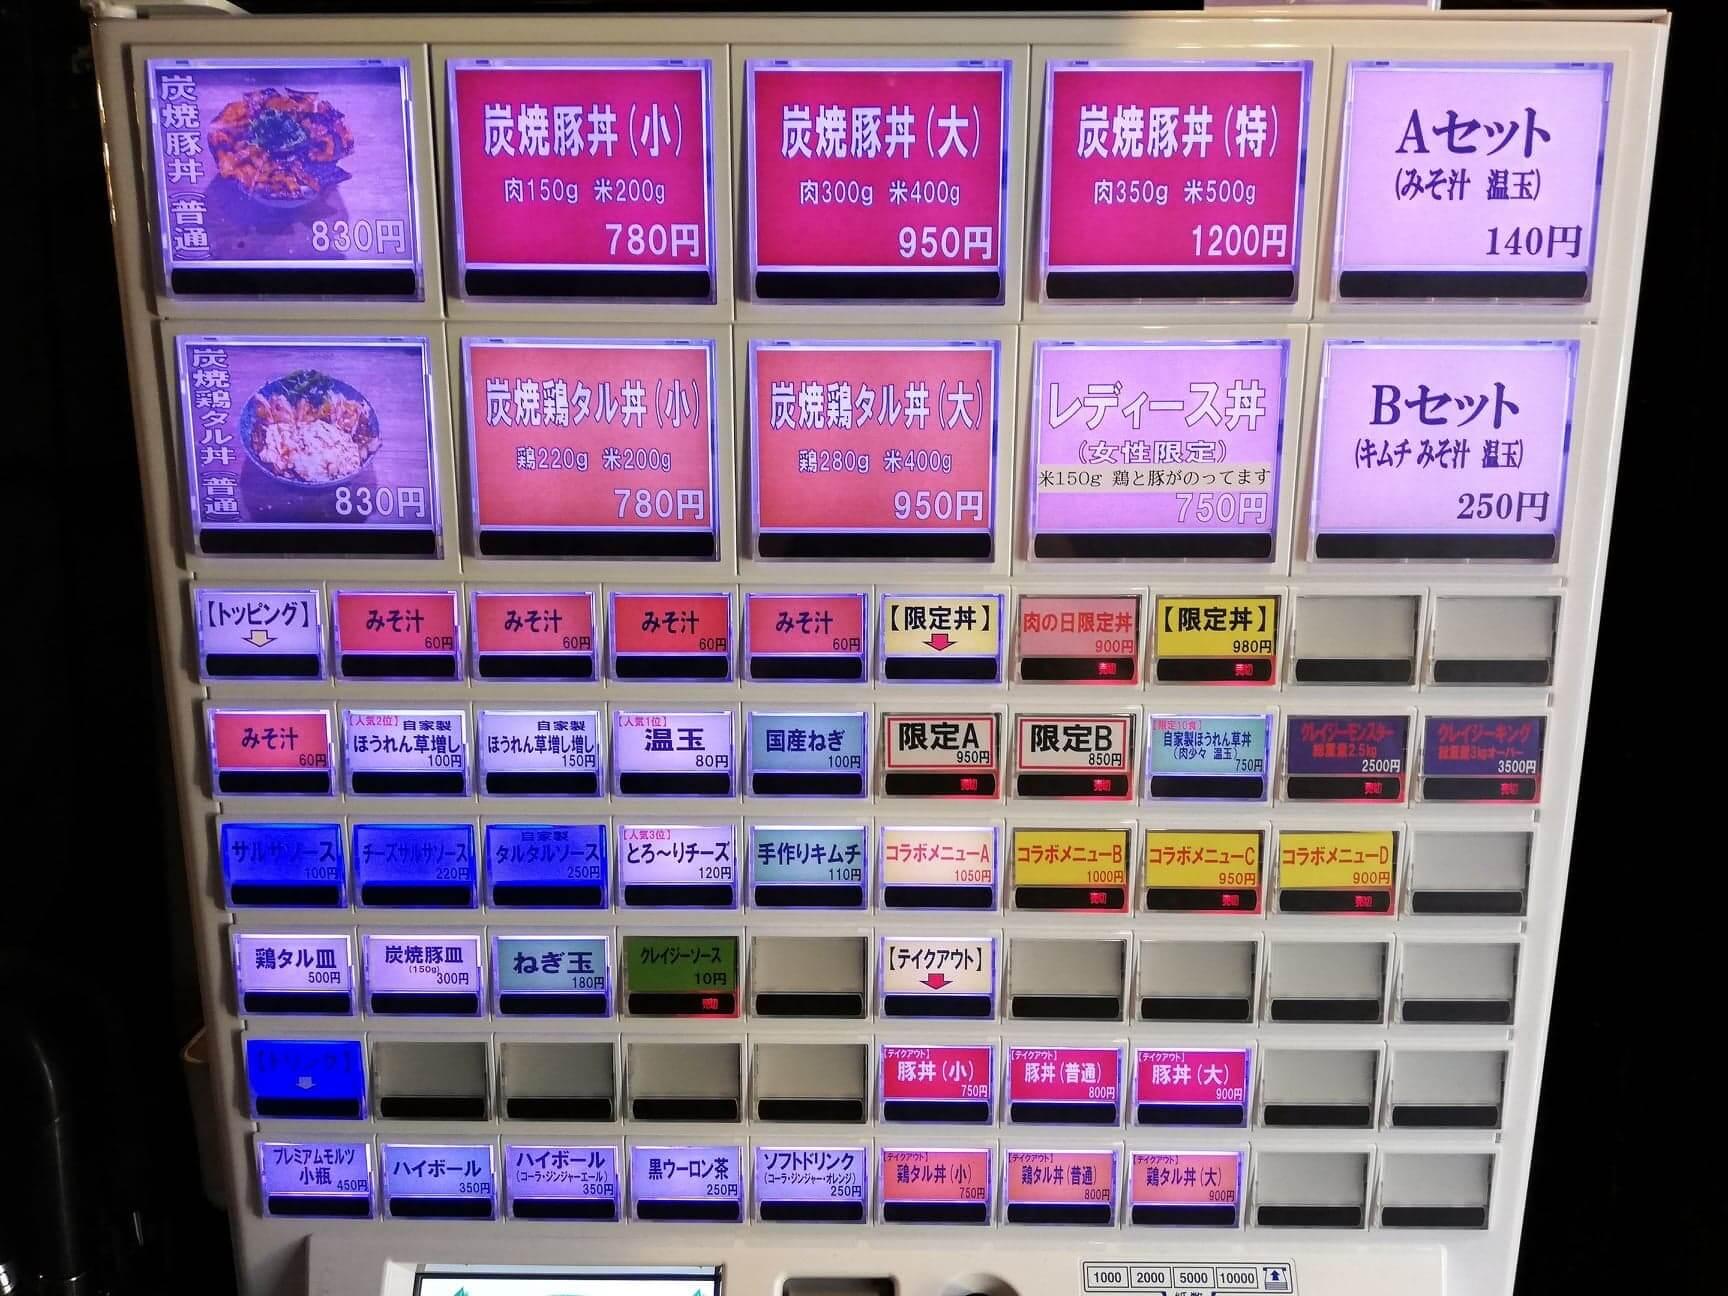 高田馬場(早稲田駅周辺)『どんぴしゃり』の券売機の写真